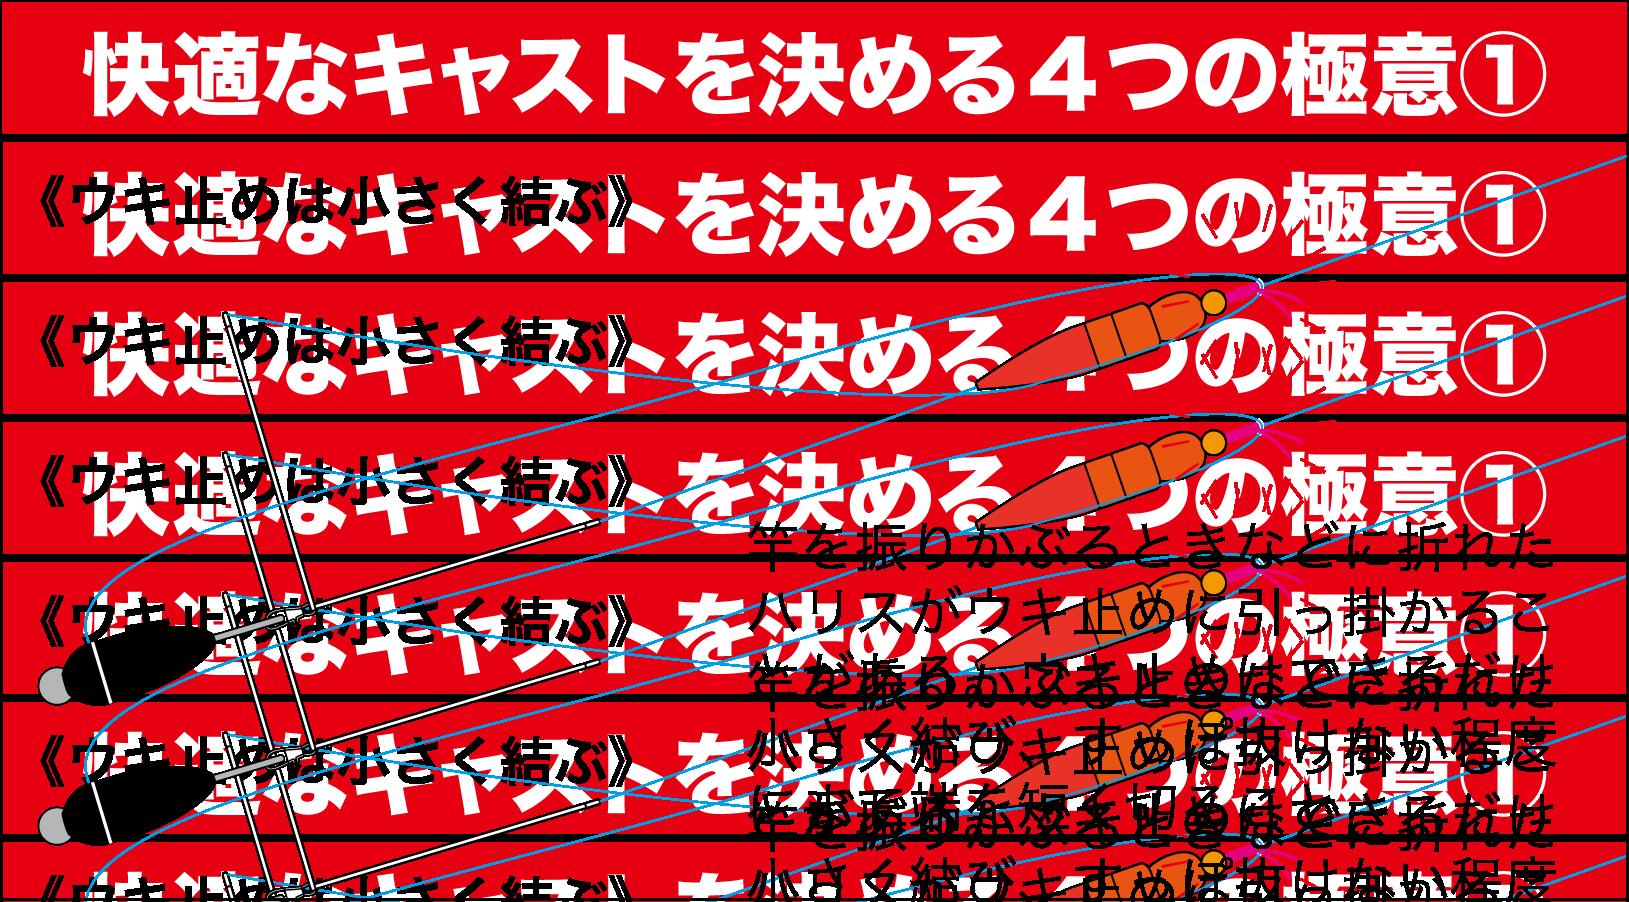 七里御浜カゴ釣りプラン4